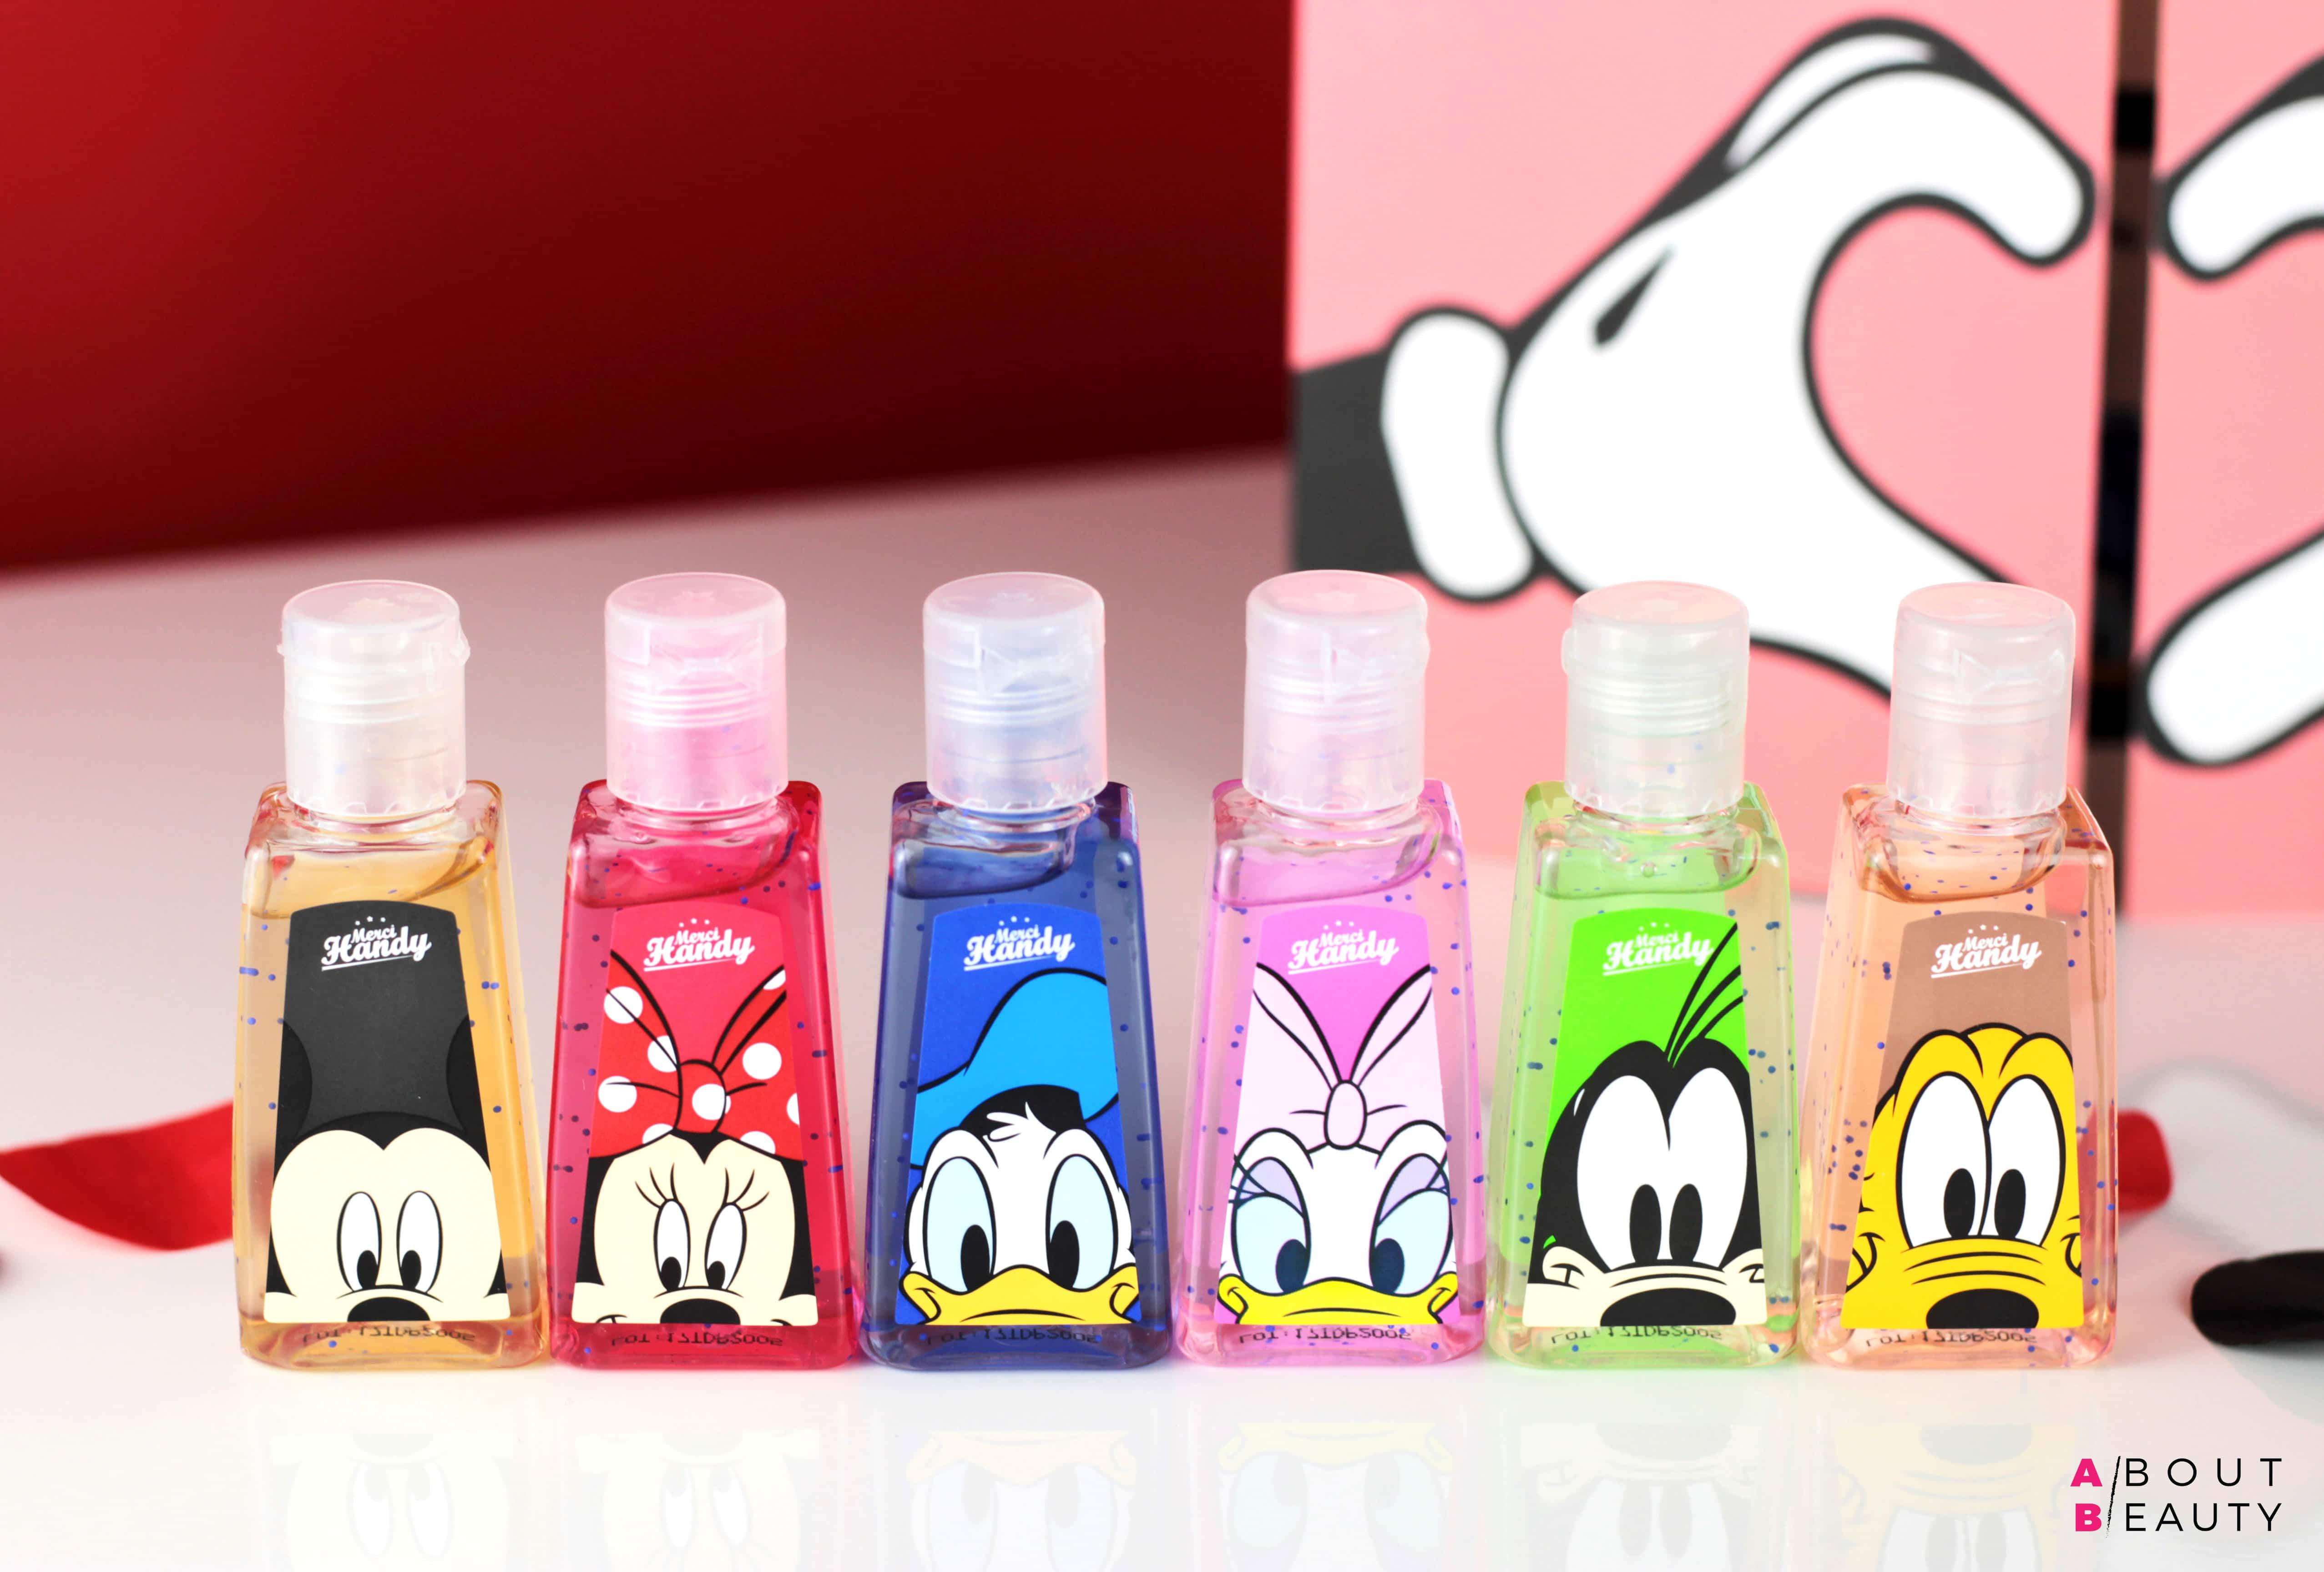 Merci Handy x Disney, la nuova edizione limitata di gel igienizzanti mani colorati e profumatissimi - Info, recensione, dove acquistare, prezzo